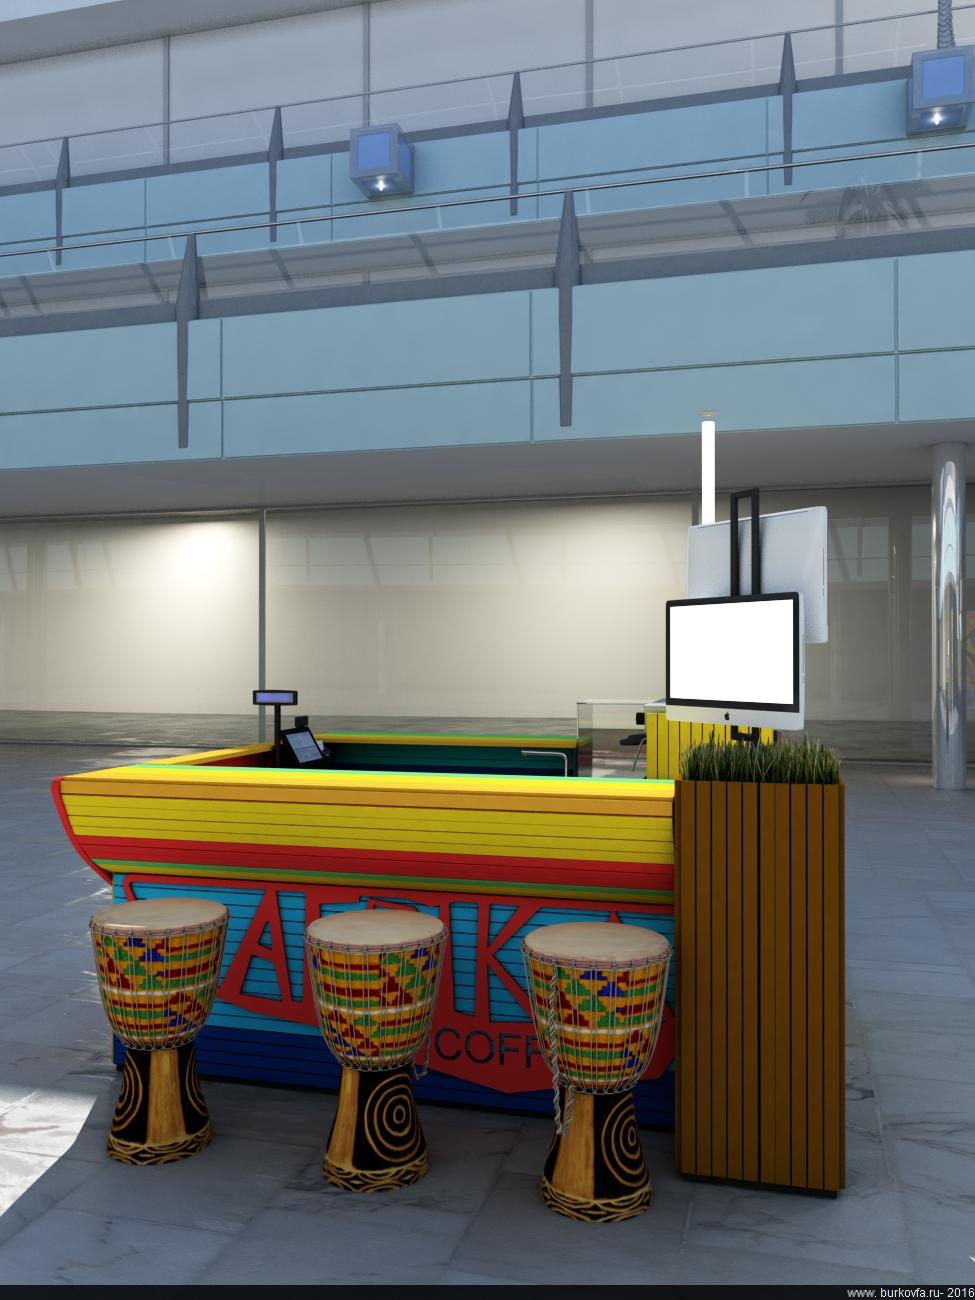 фирменный стиль и дизайн мебели для продажи кофе